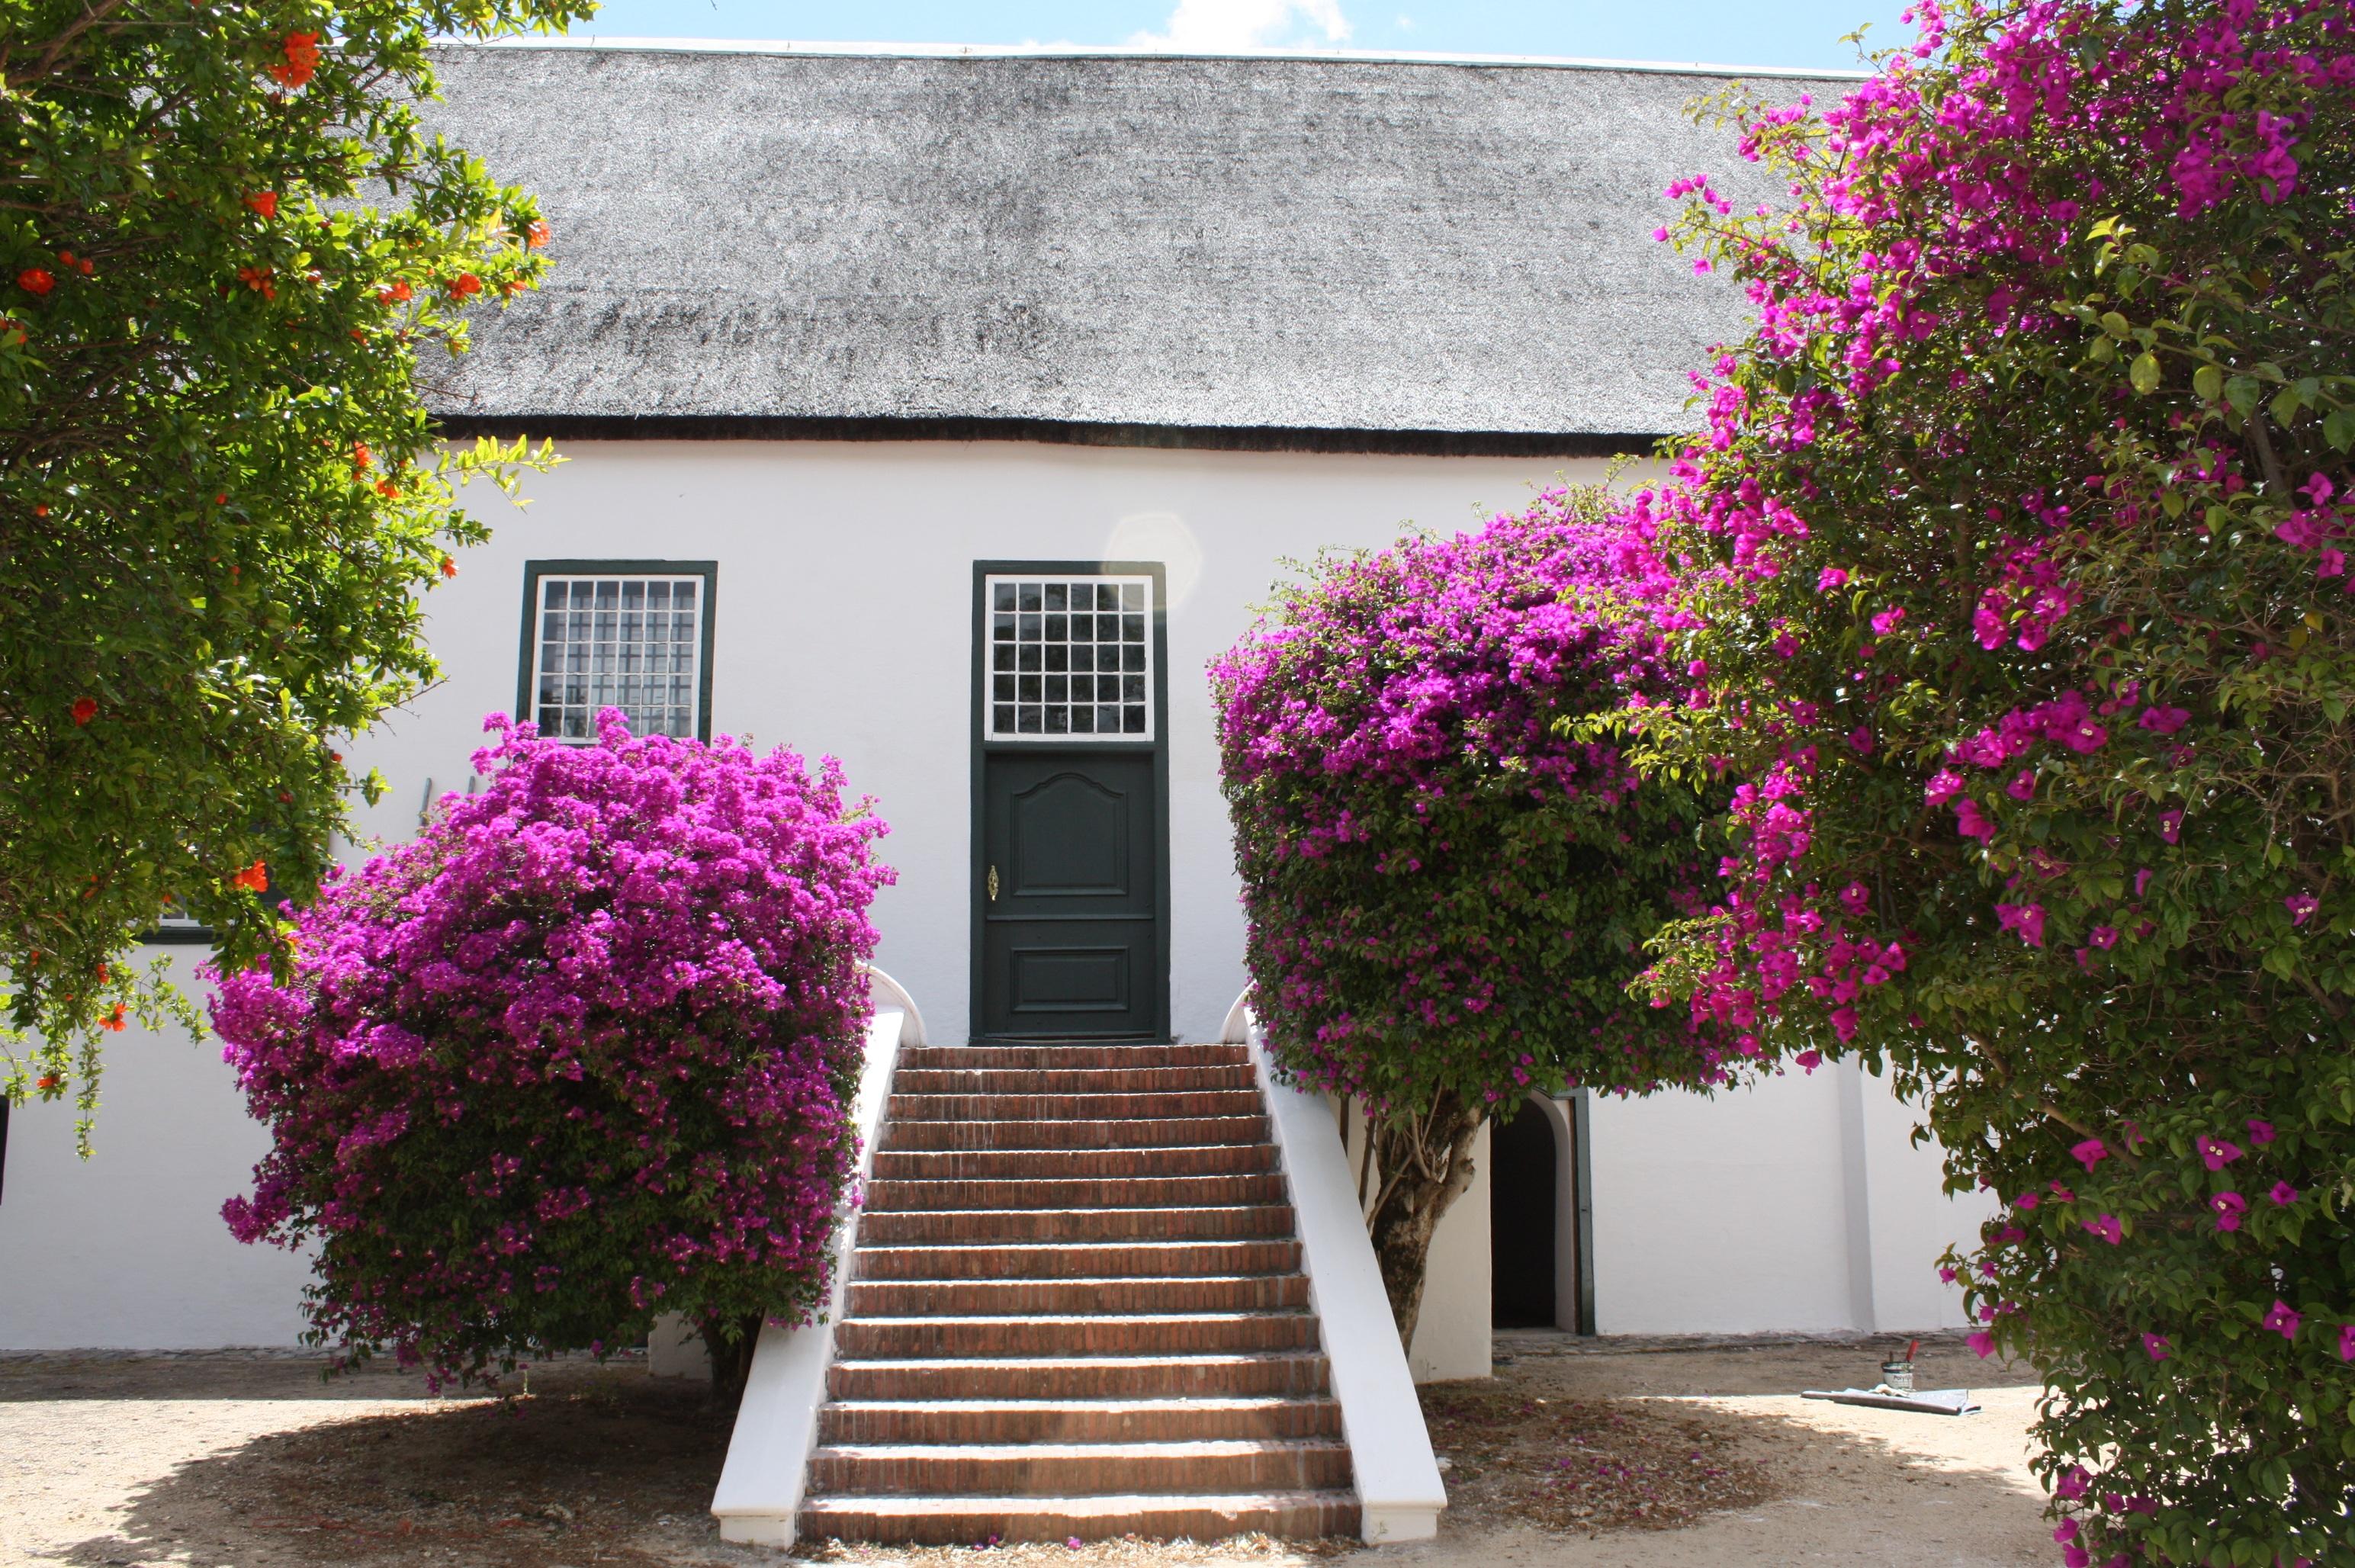 Kostenlose foto : Villa, Blume, Gebäude, Zuhause, Hütte, Fassade ...